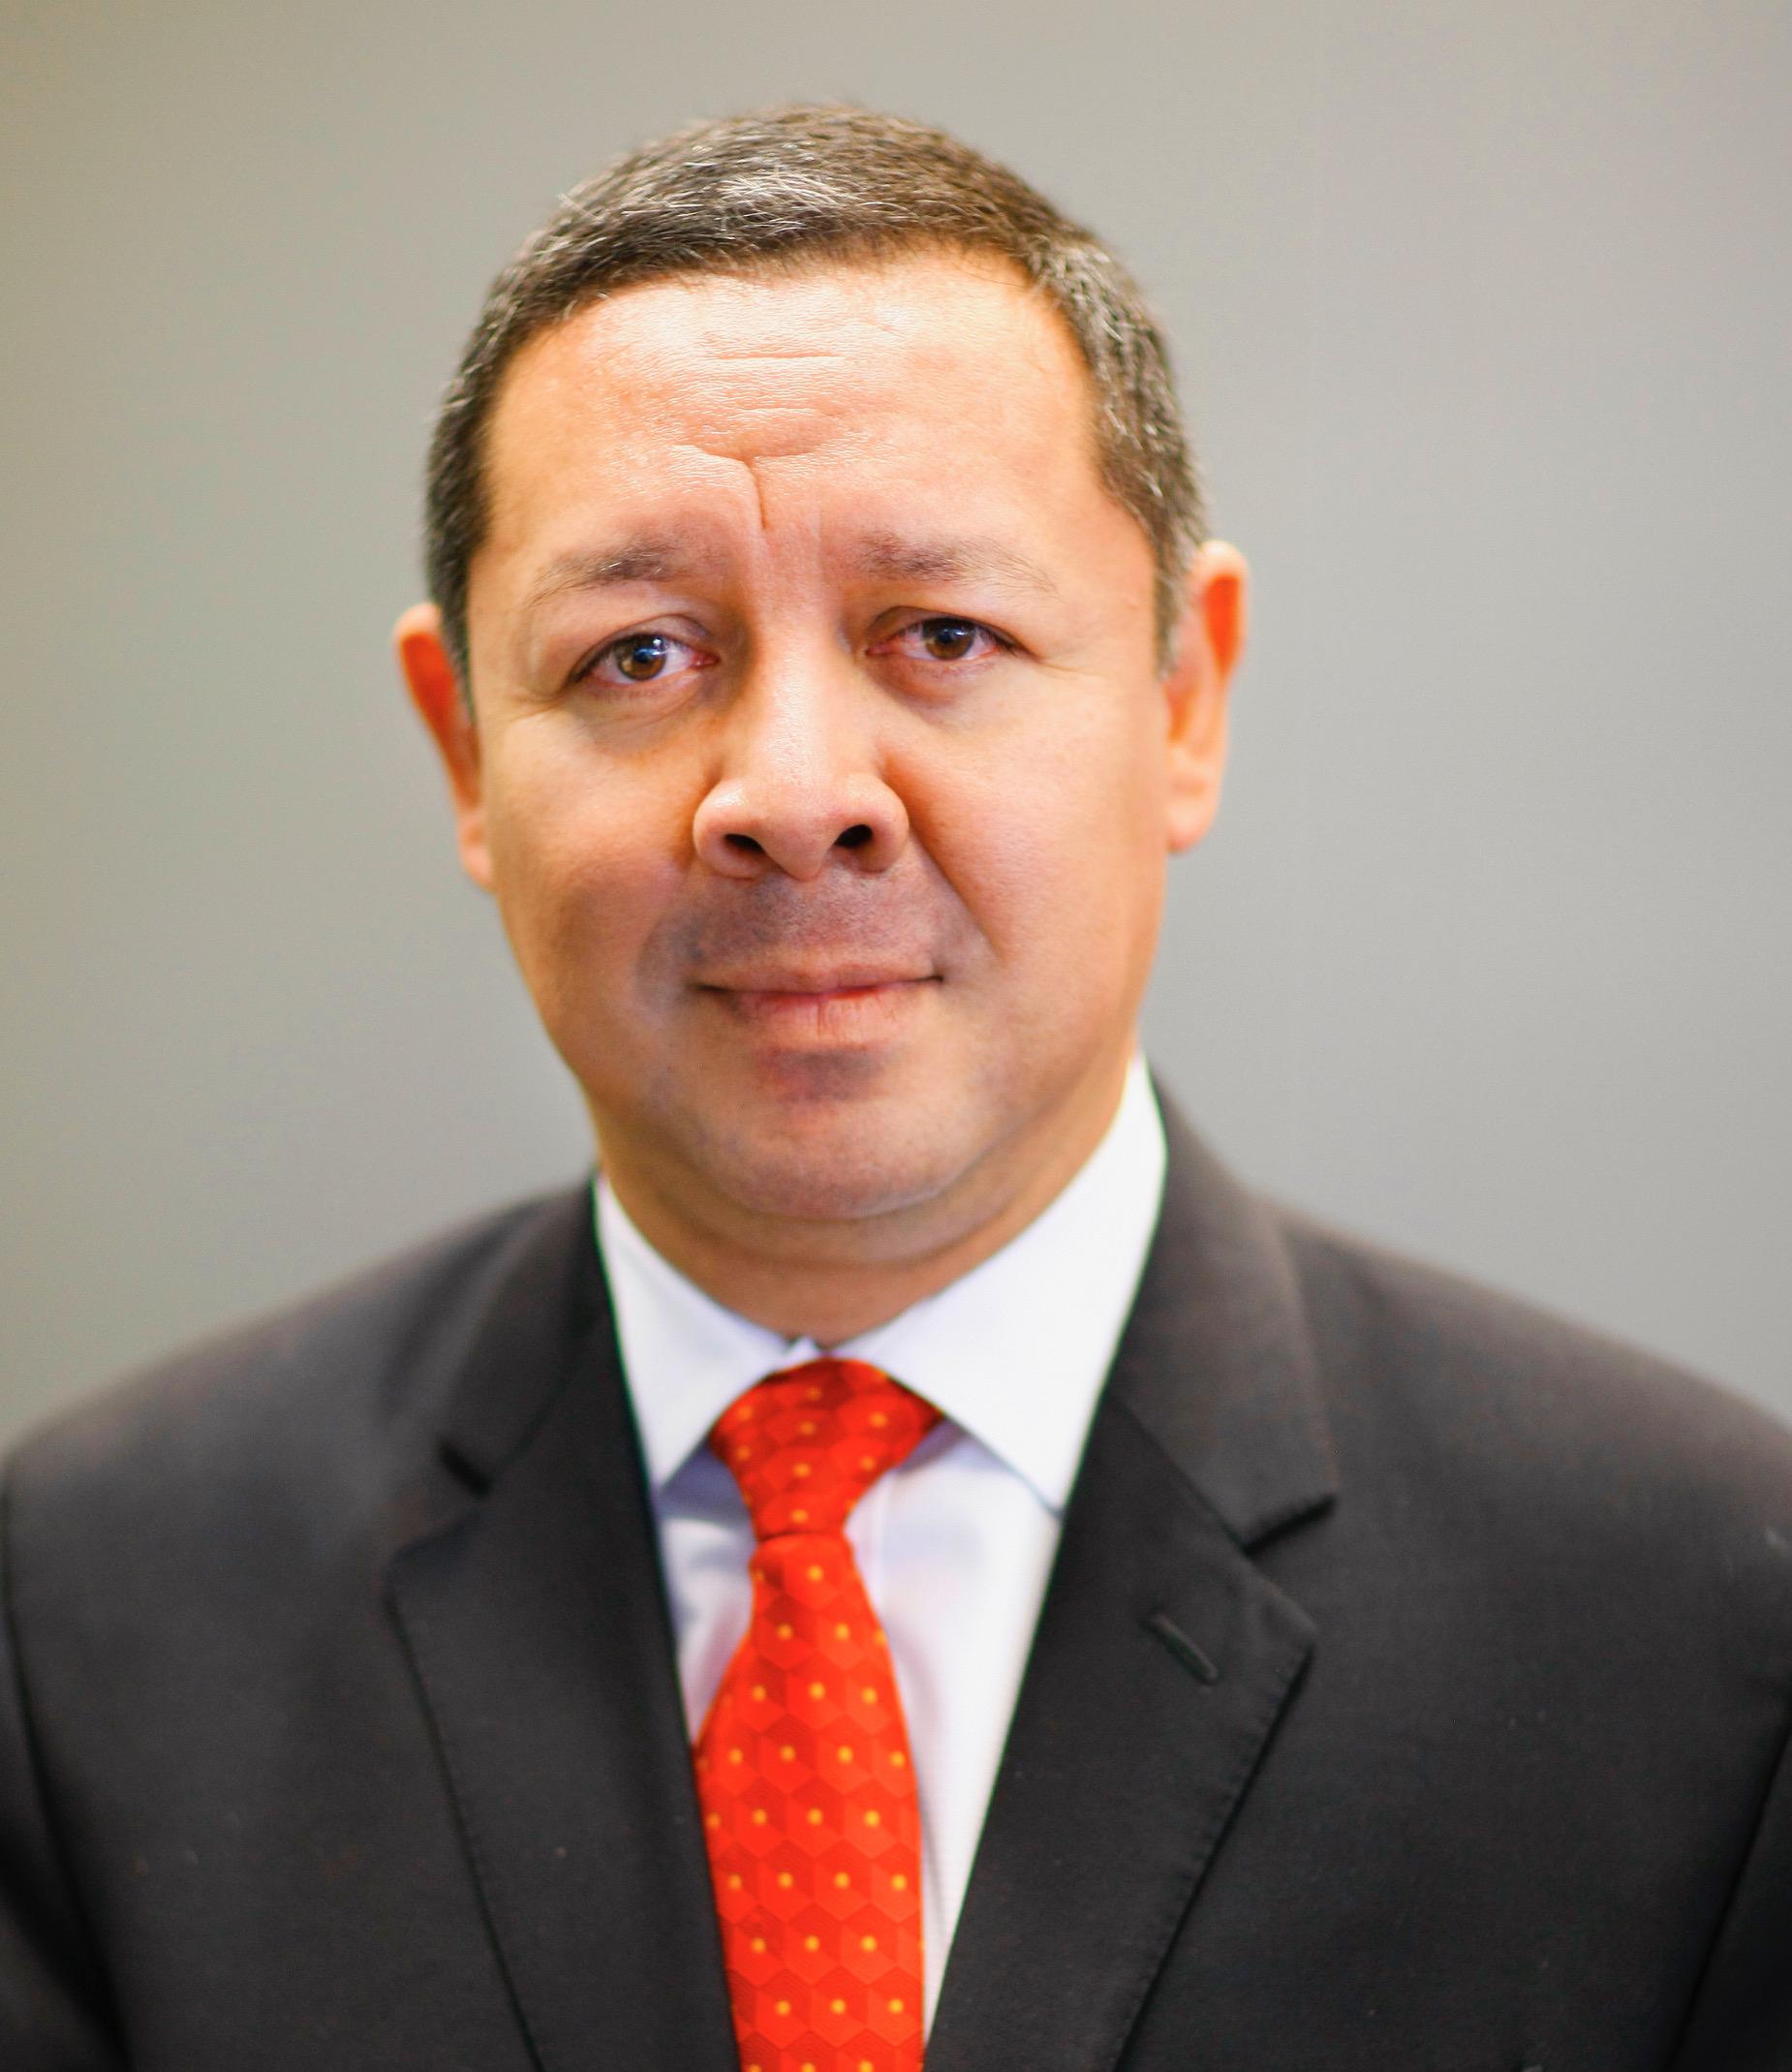 Mario Arroyo Juárez